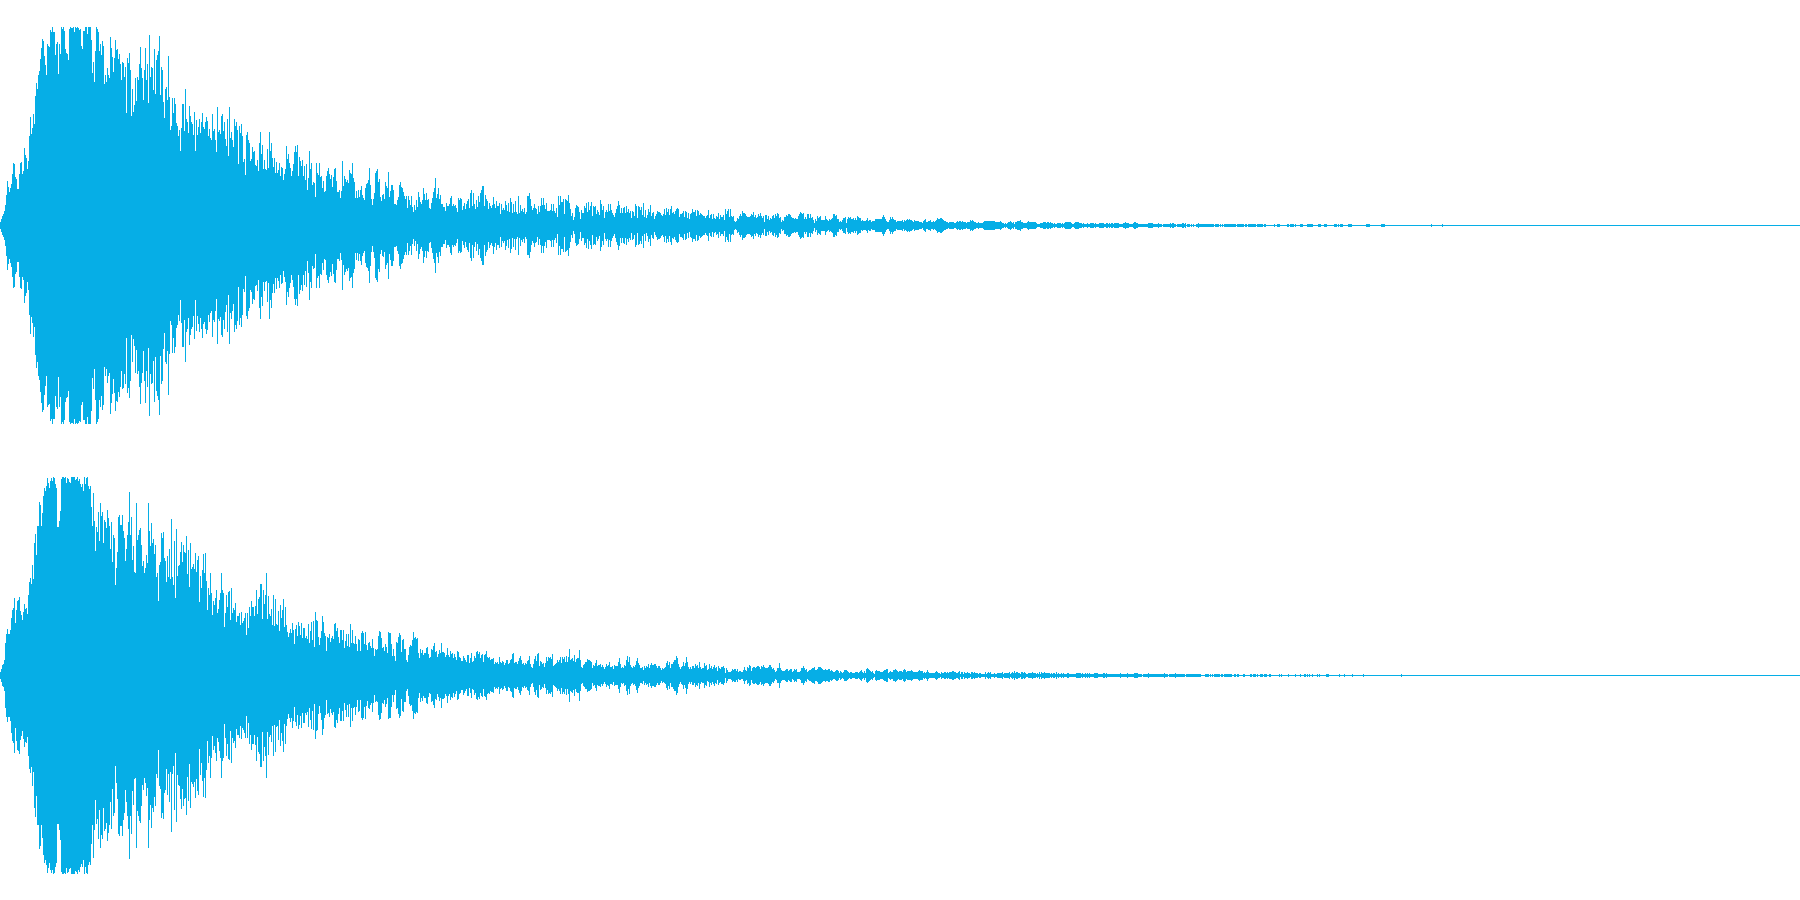 シャキーン キラーン☆強烈な輝きに!6vの再生済みの波形